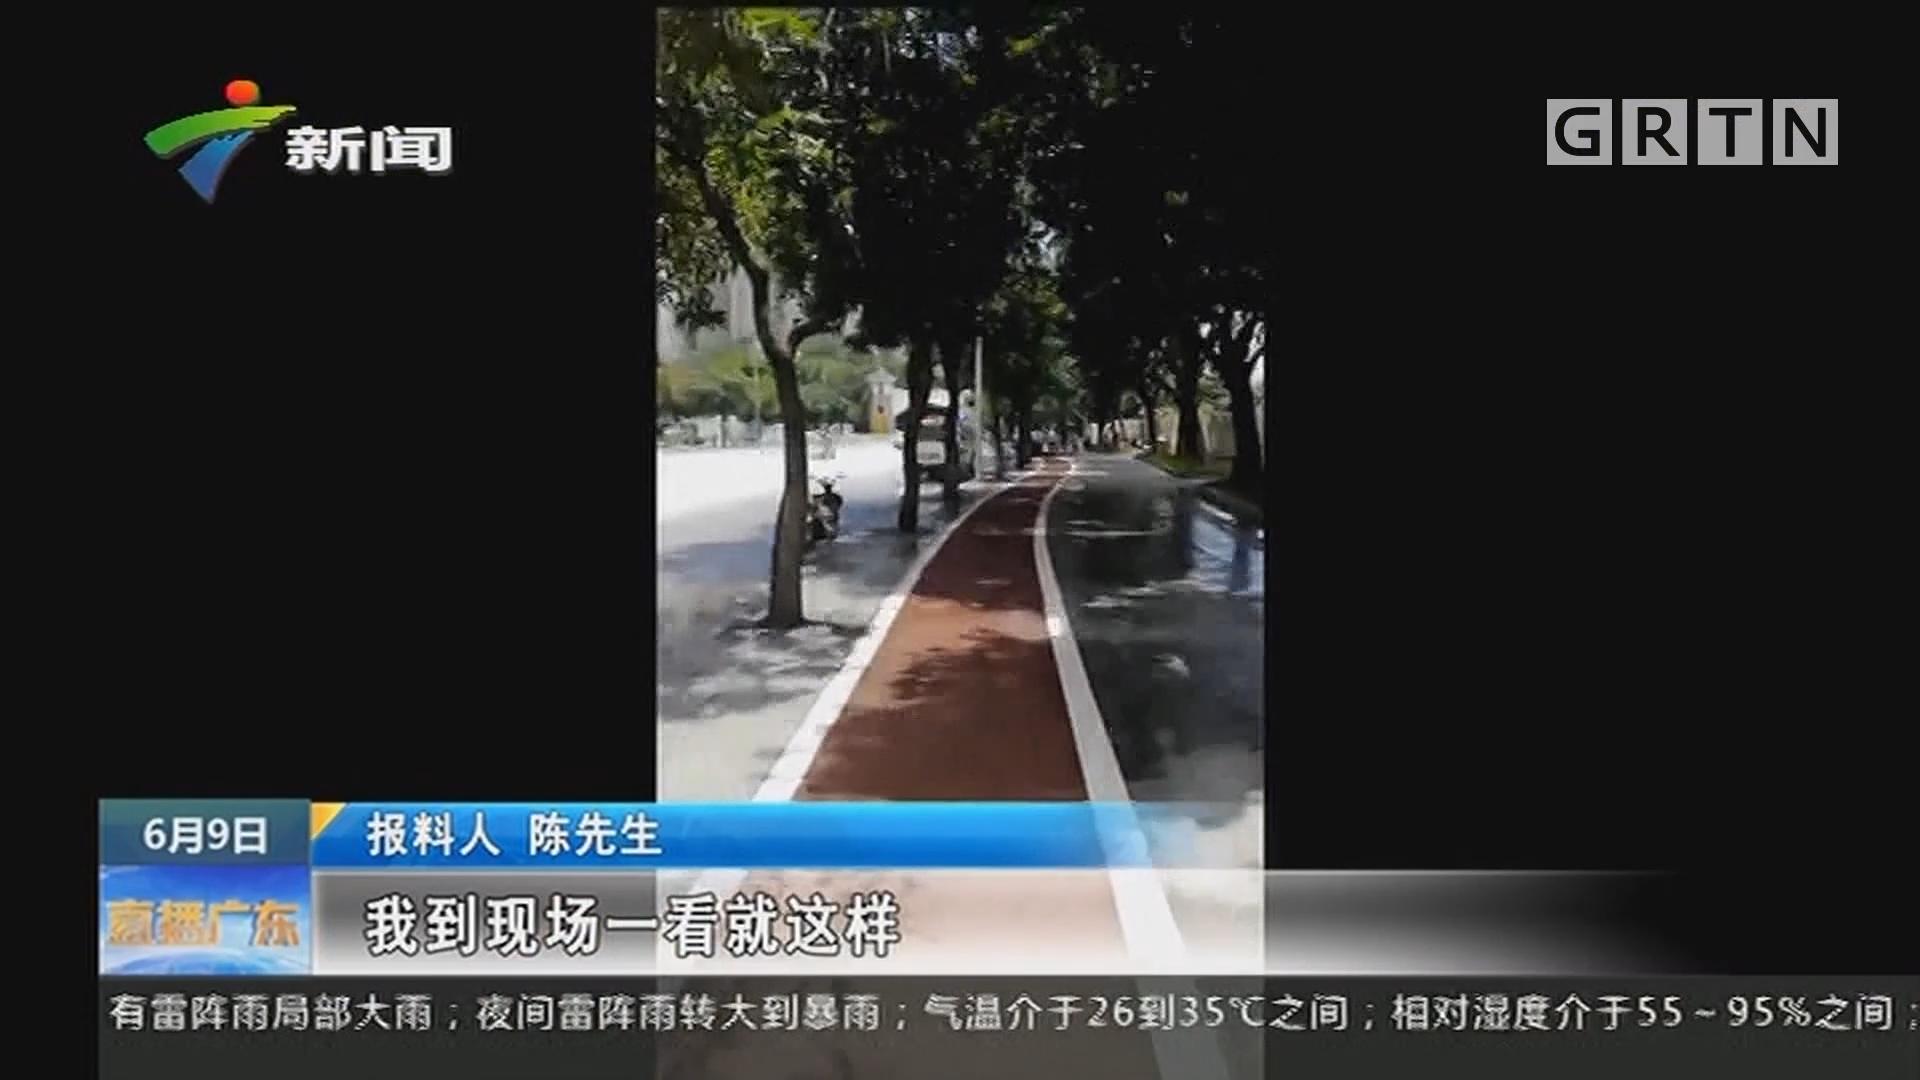 广州金沙洲:男子马路边爬树摘芒果 失足坠落死亡